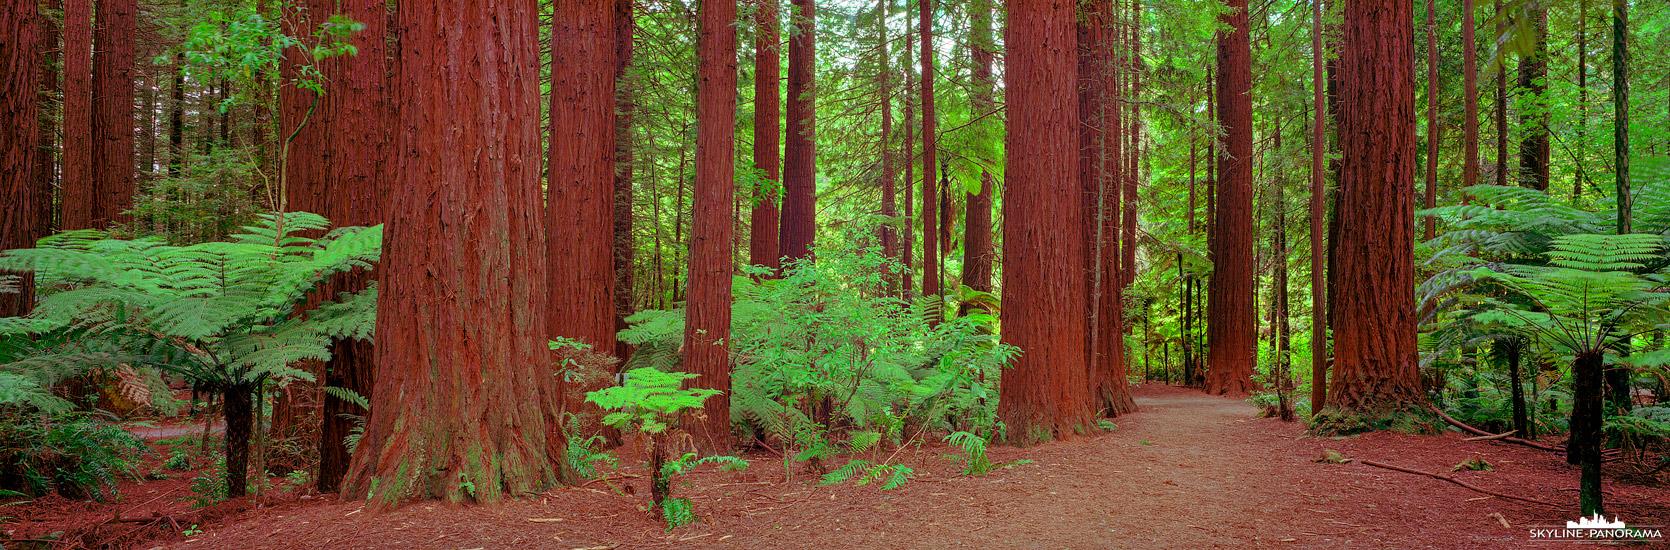 Sehenswürdigkeiten auf der Nordinsel von Neuseeland - Der Whakarewarewa Forest, am Stadtrand von Rotorua, ist bekannt für seine kalifornischen Redwoods Küstenmammutbäume, die hier in den ersten Jahren des 20. Jahrhunderts gepflanzt wurden und mittlerweile eine Höhe von über 70 Meter erreicht haben.